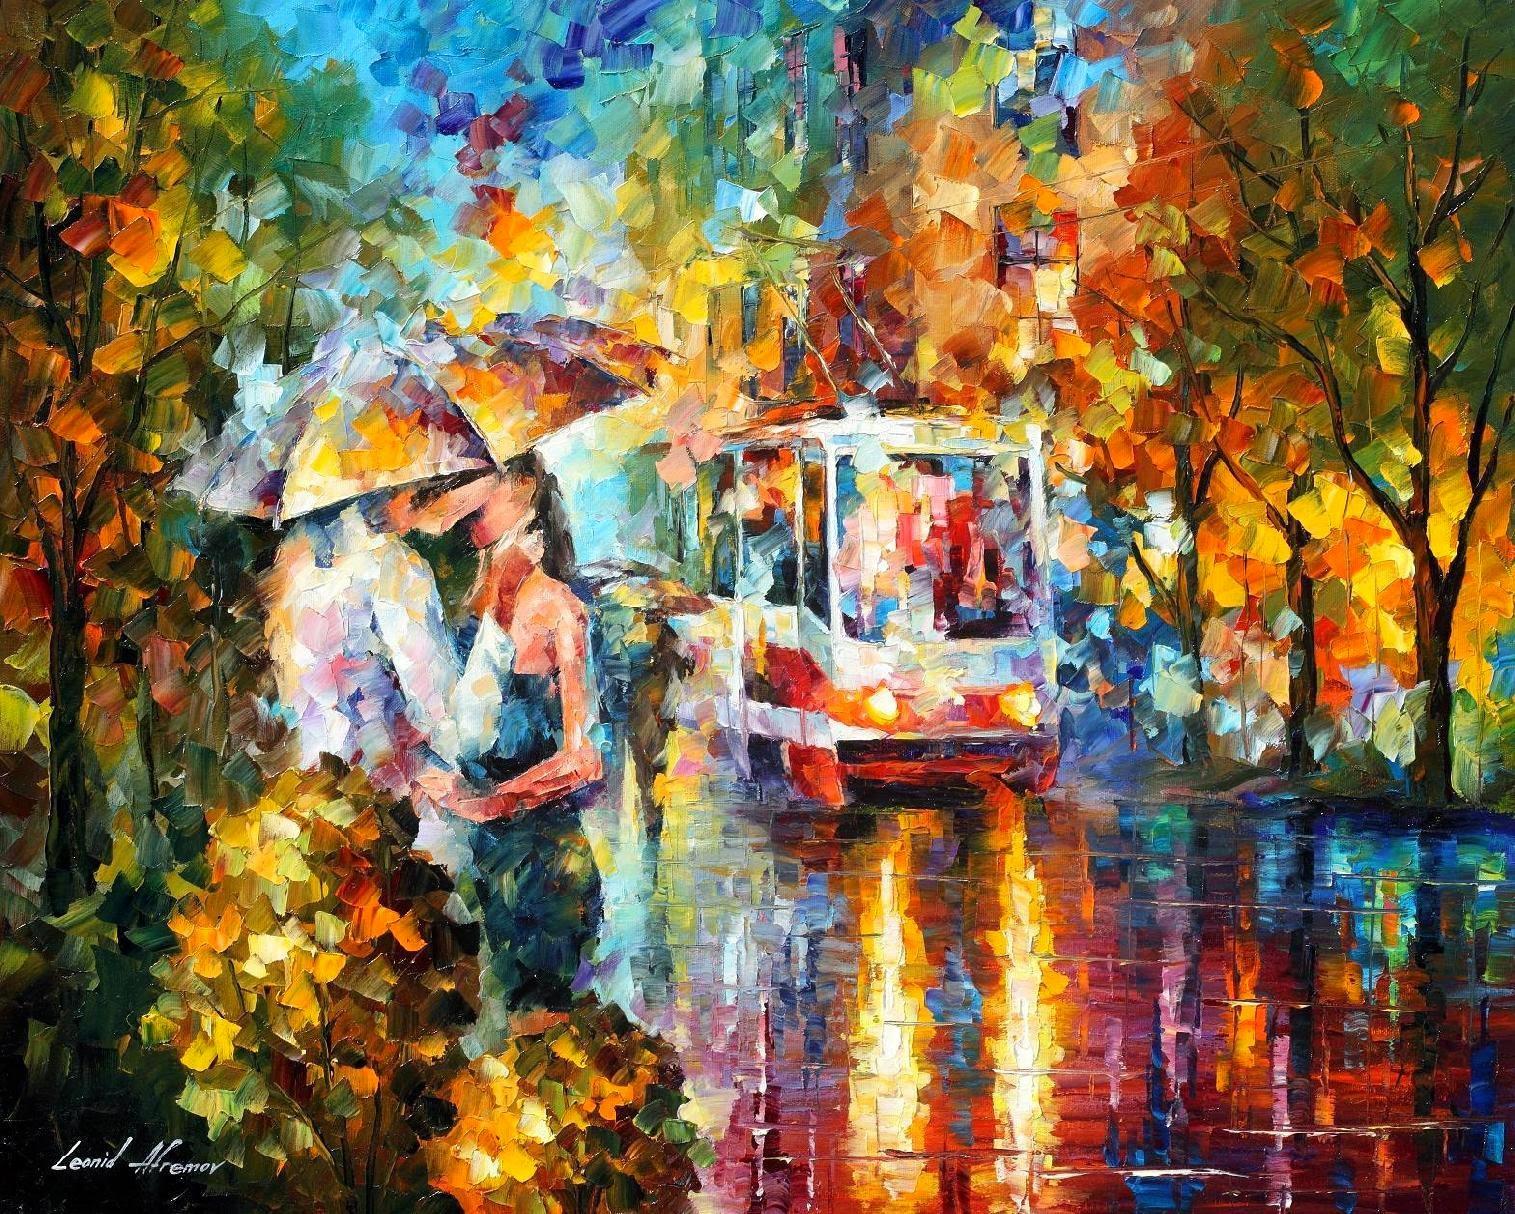 Paixão - Pinturas de Leonid Afremov | O mestres da  espátula